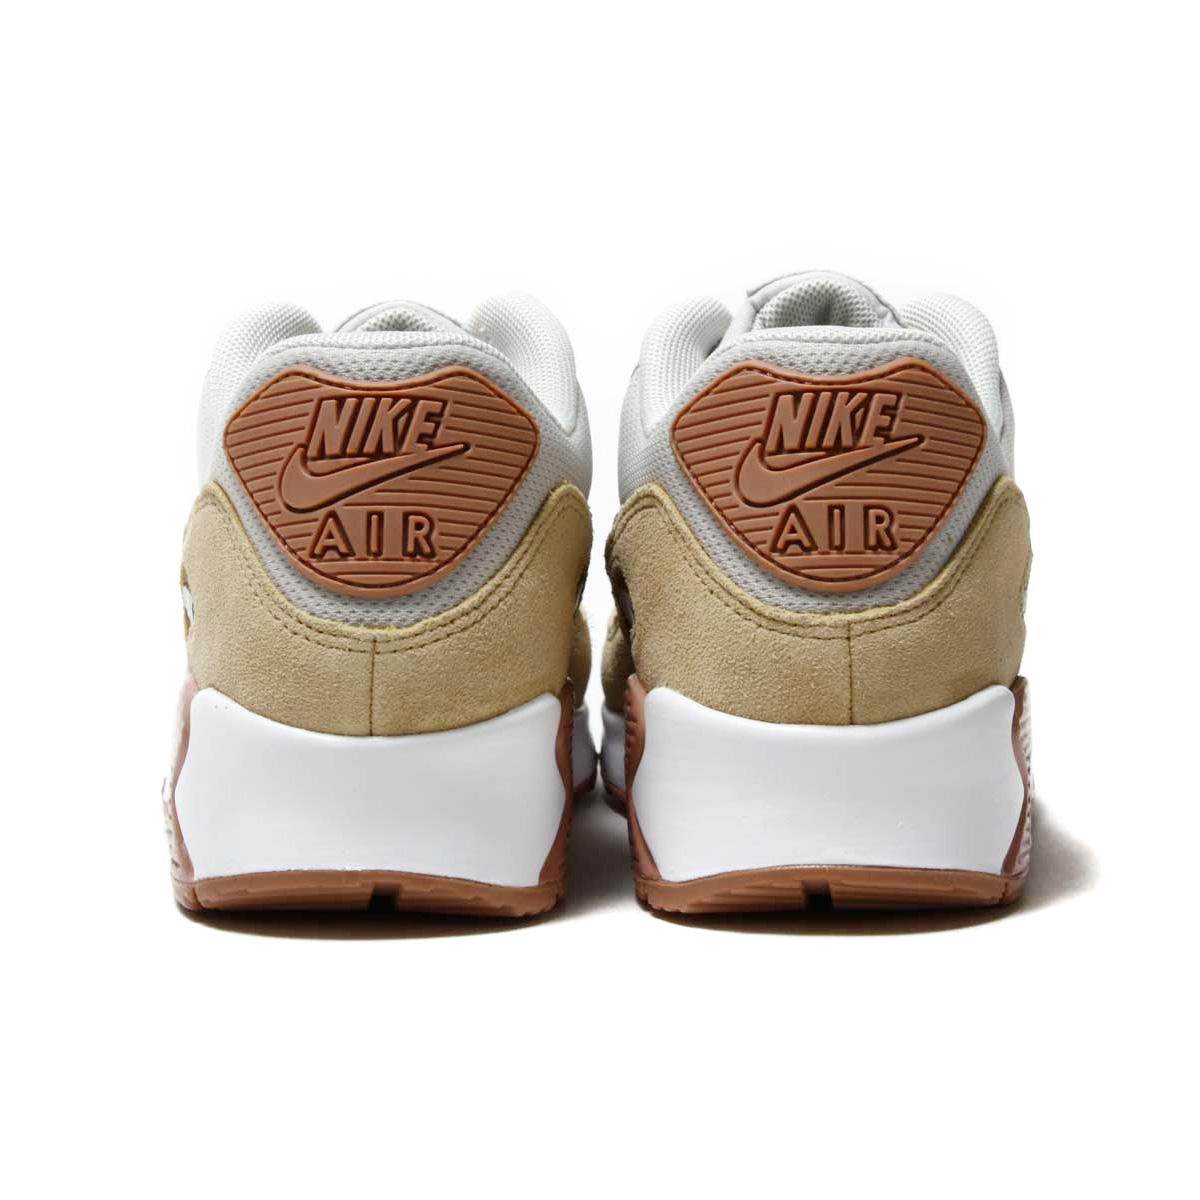 newest 69c85 9b924 ... NIKE WMNS AIR MAX 90 (Nike women Air Max 90) (LIGHT BONE